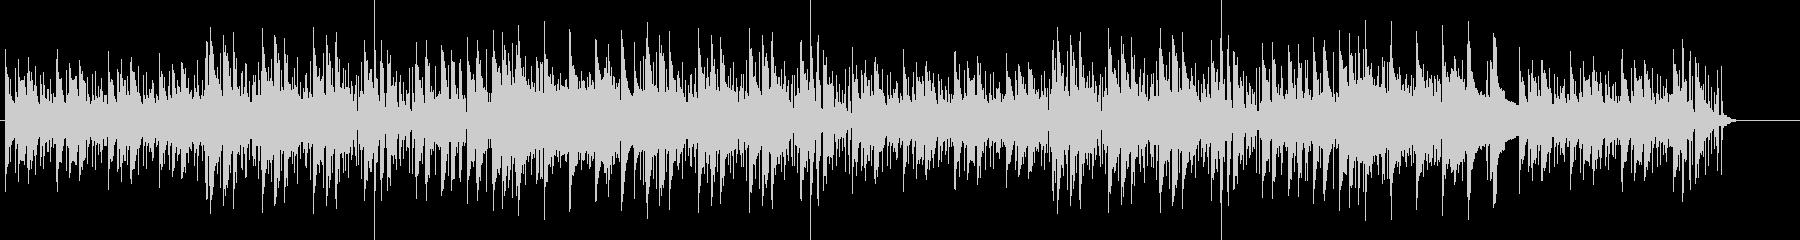 レトロなリラックスミュージックの未再生の波形